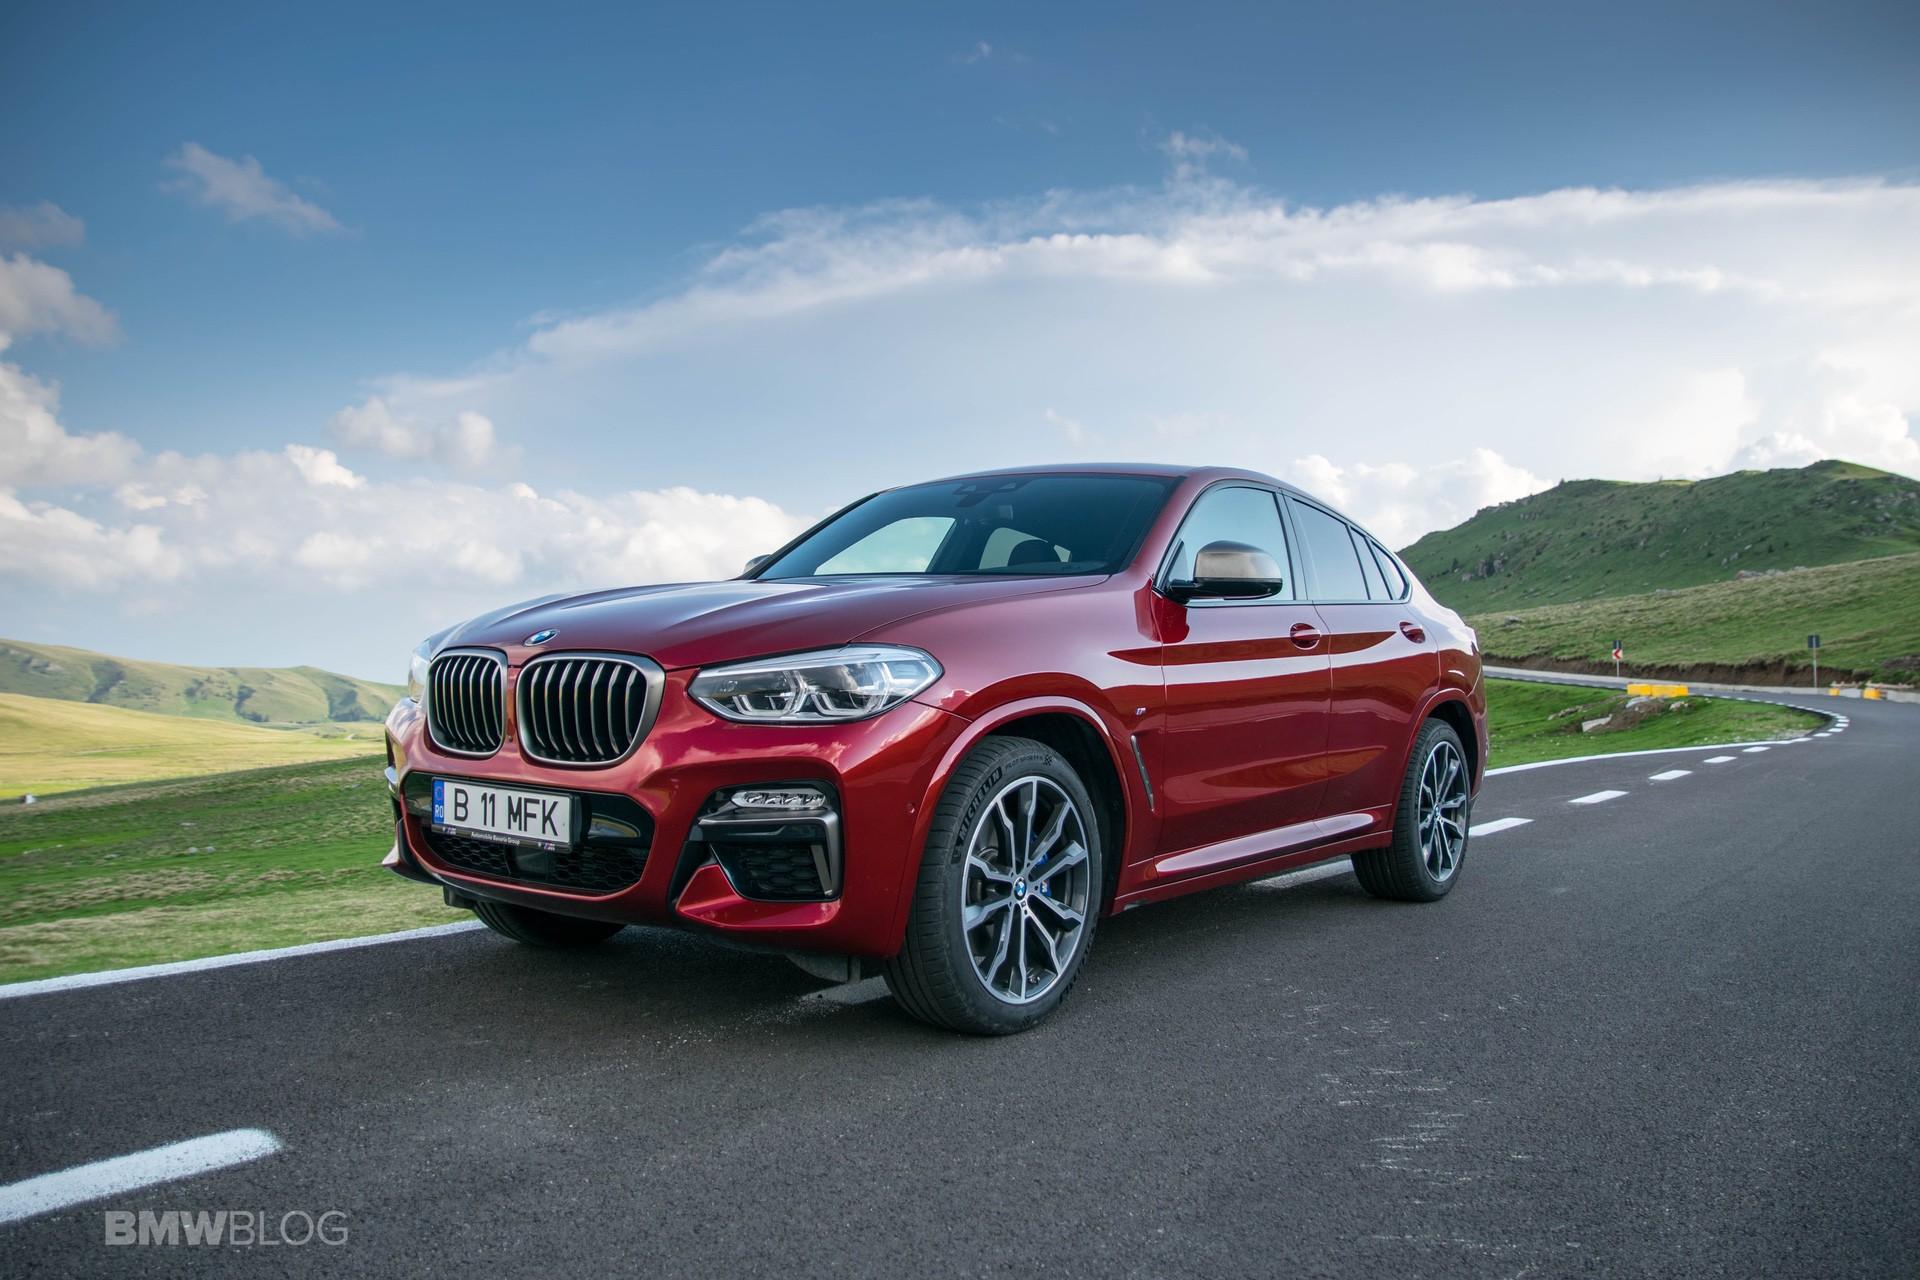 2019 BMW X4 M40d test drive 21